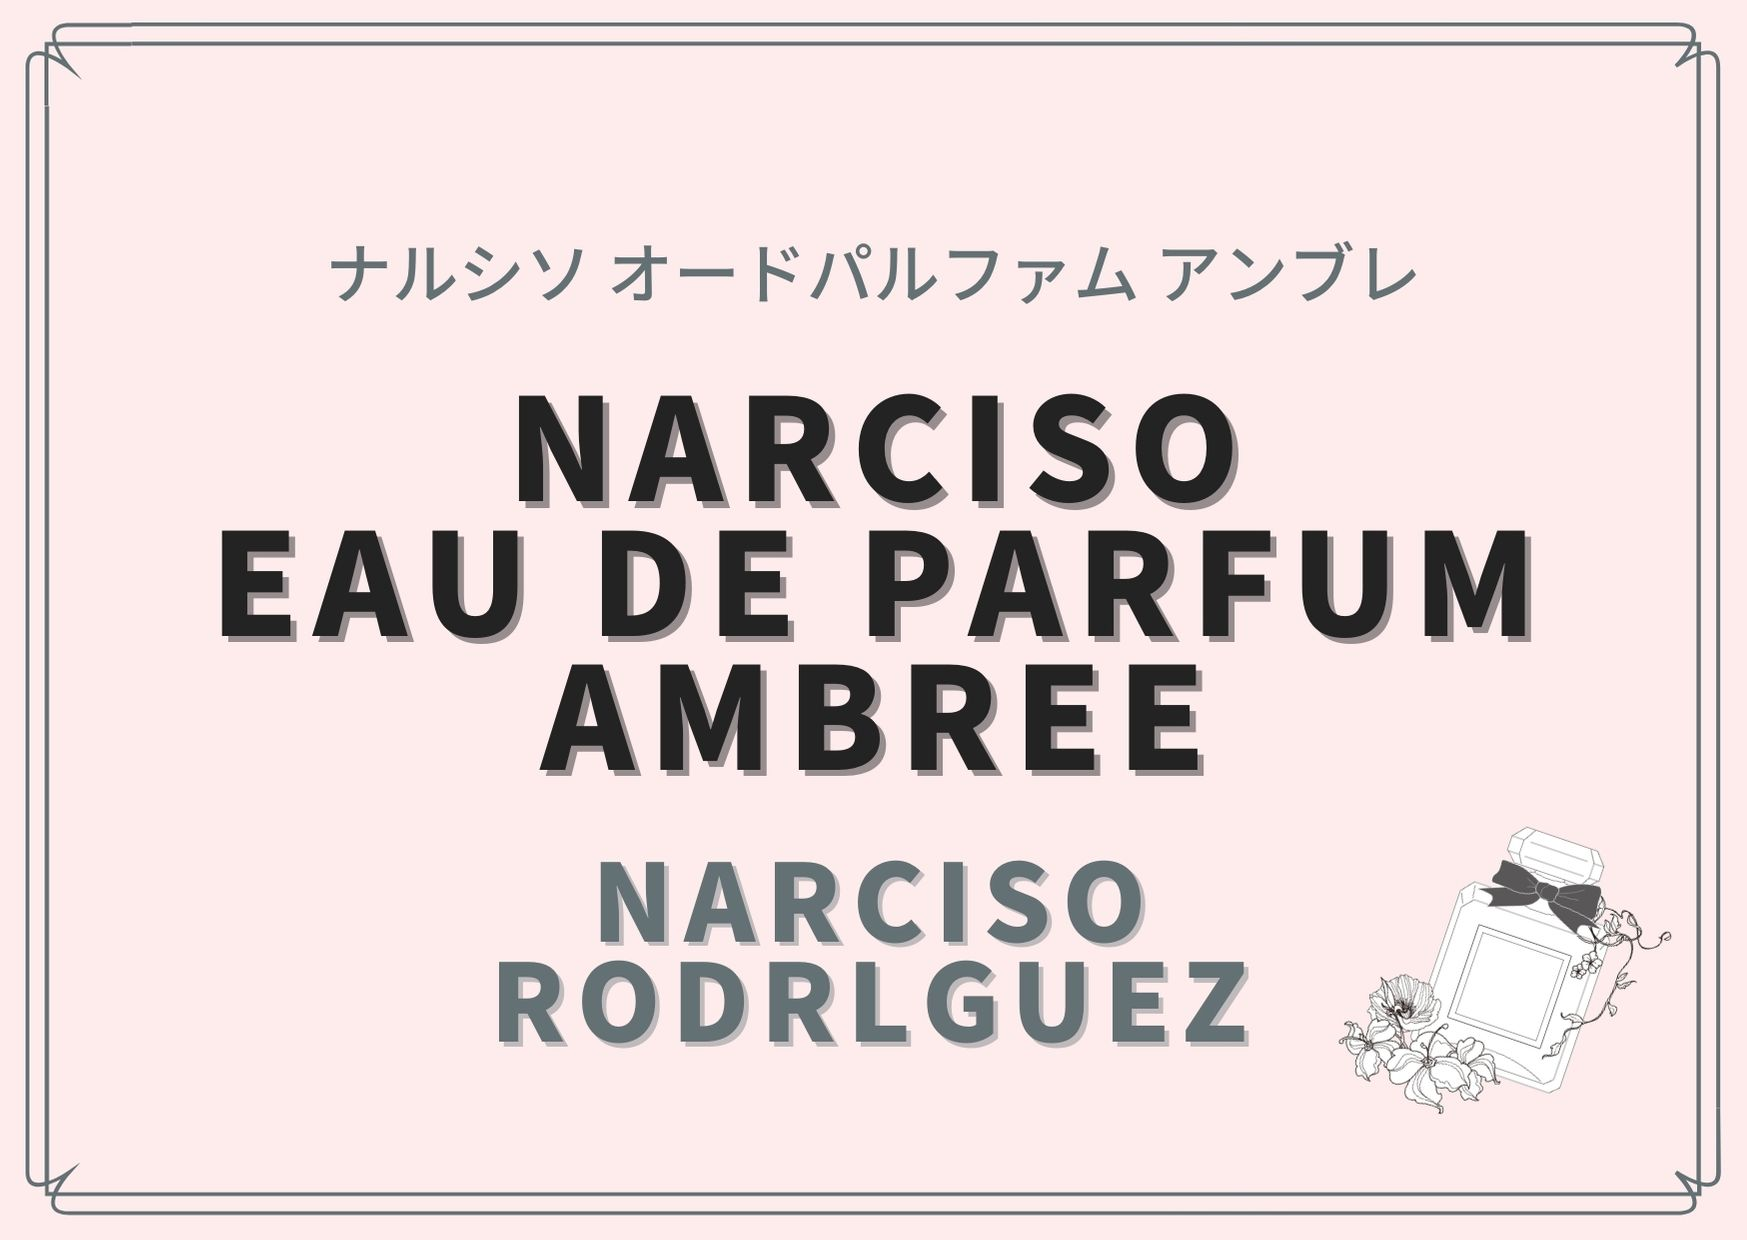 NARCISO Eau de Parfum  AMBREE(ナルシソ オードパルファム アンブレ)/ Narciso Rodrlguez(ナルシソ ロドリゲス)